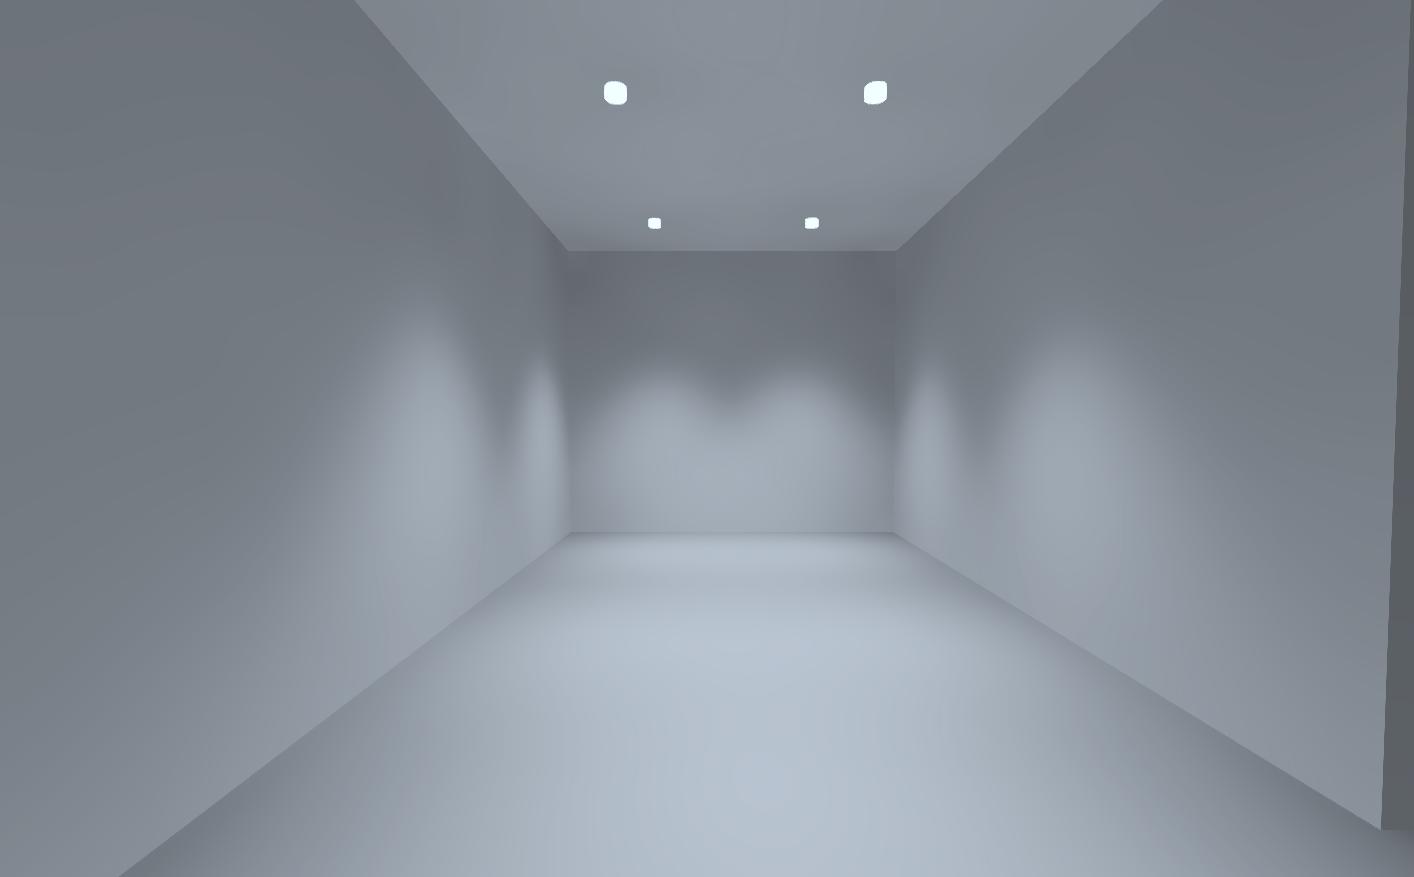 Визуализация освещения в гостиной